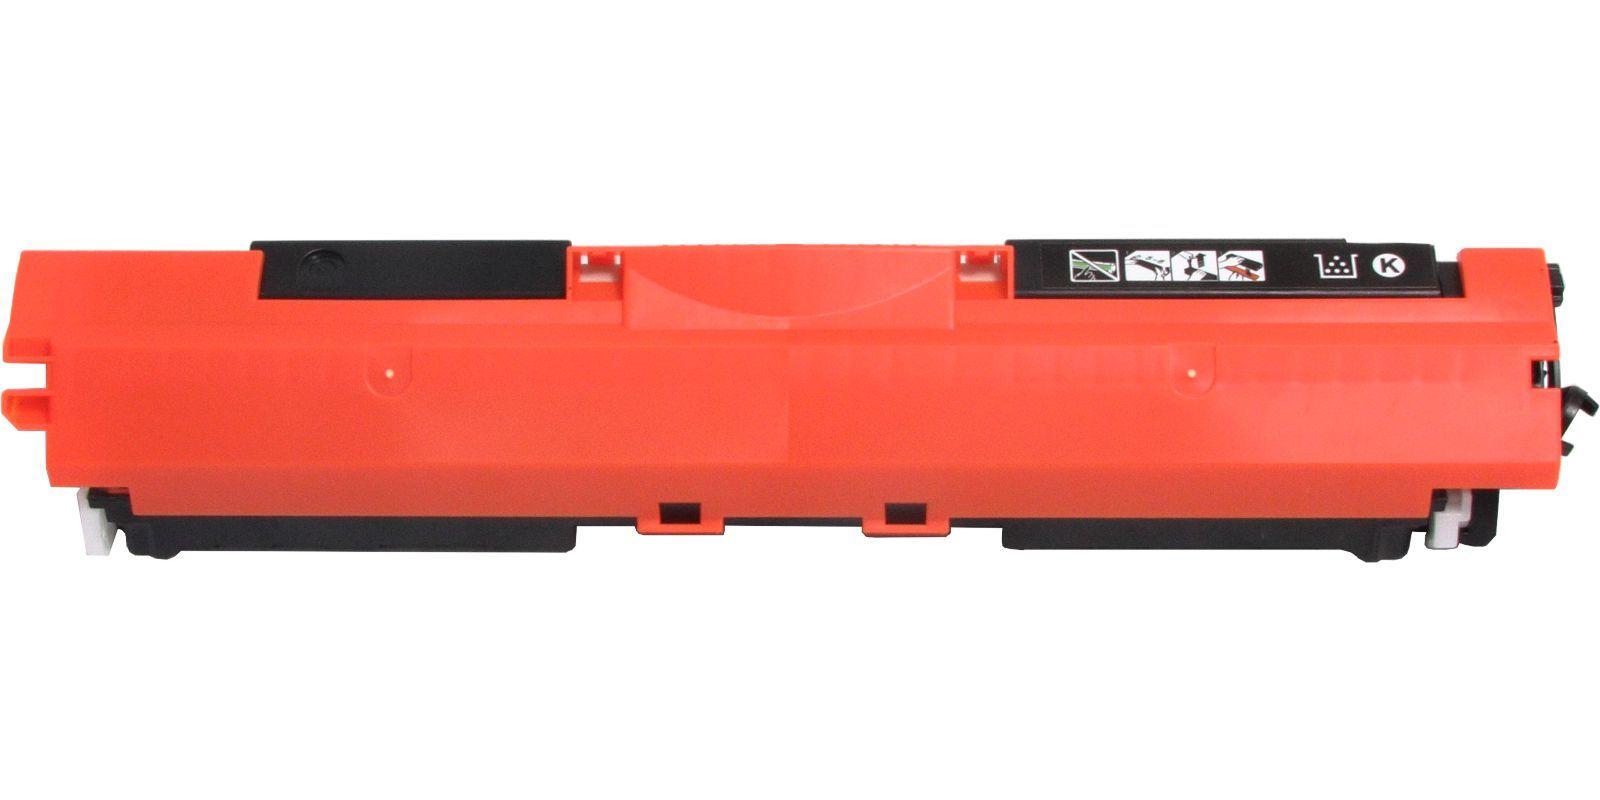 Картридж лазерный цветной ULTRA 130A CF351A голубой (cyan), до 1000 стр.